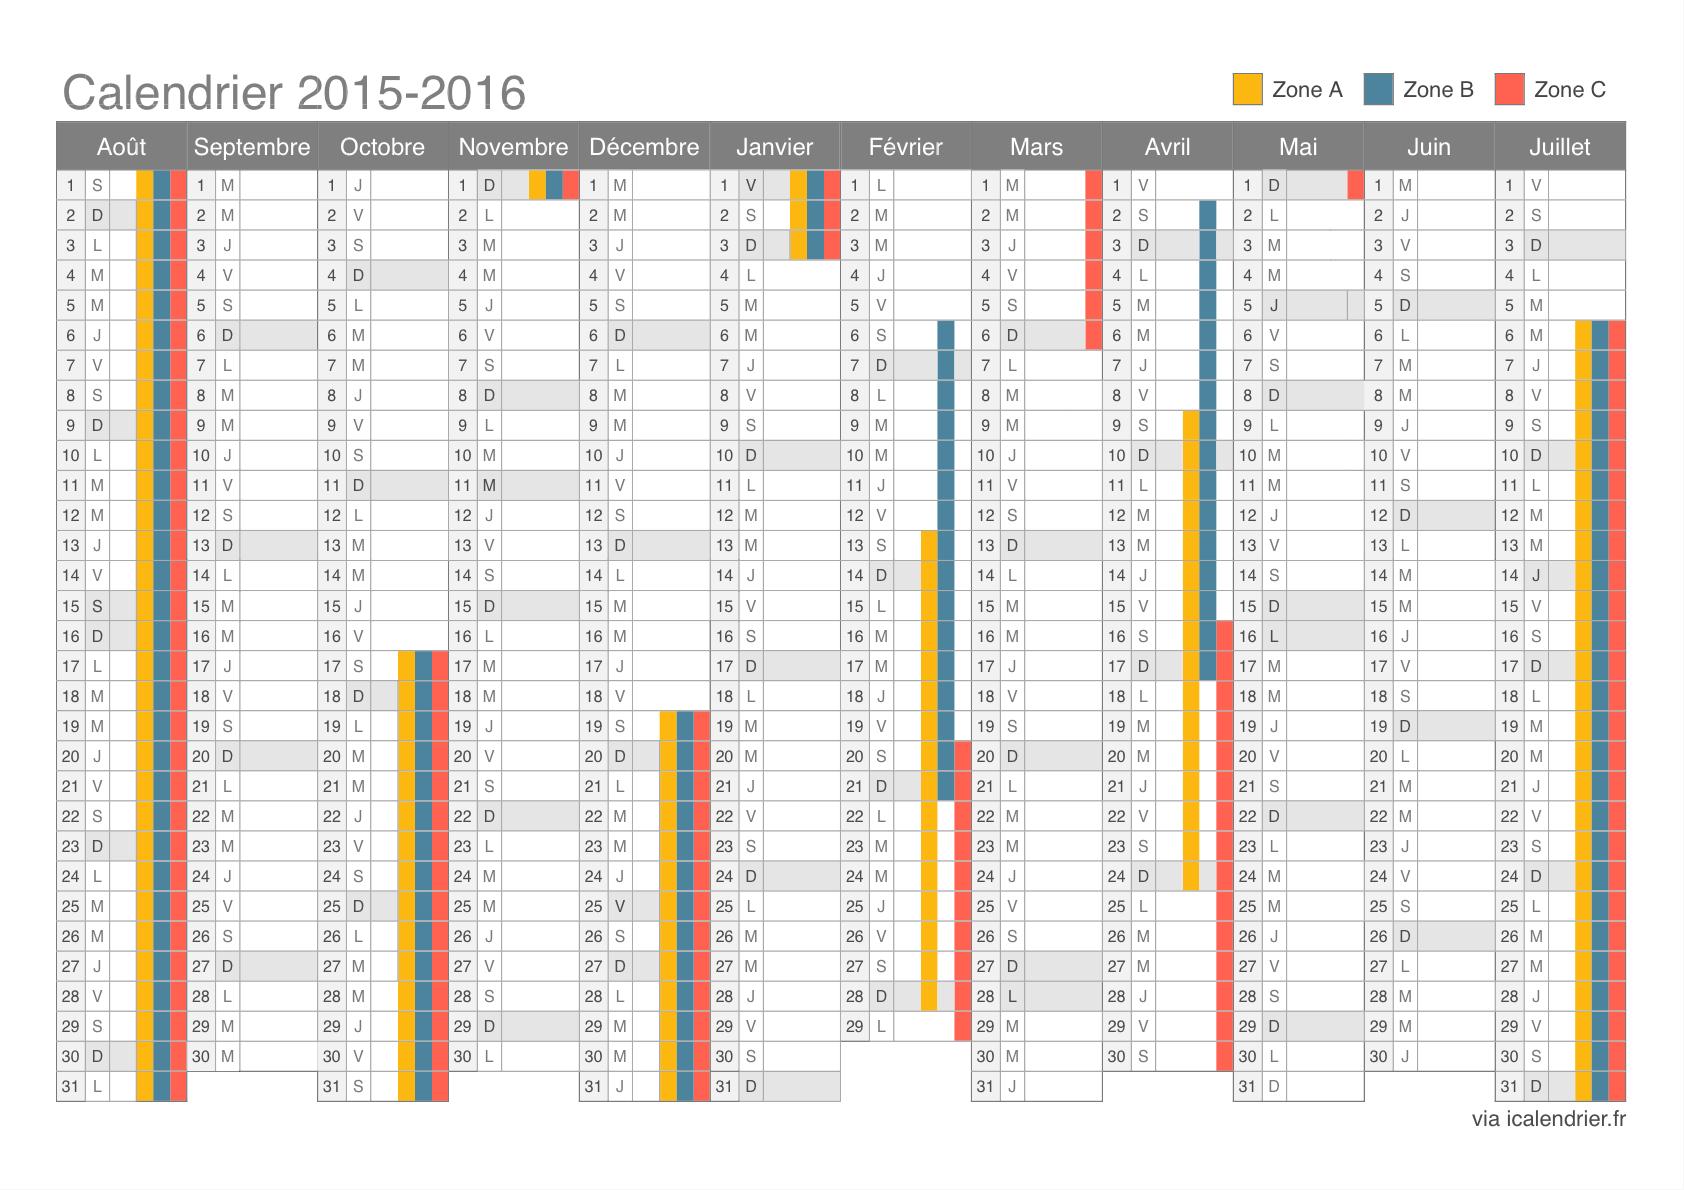 Calendrier 2016 pdf avec vacances scolaires